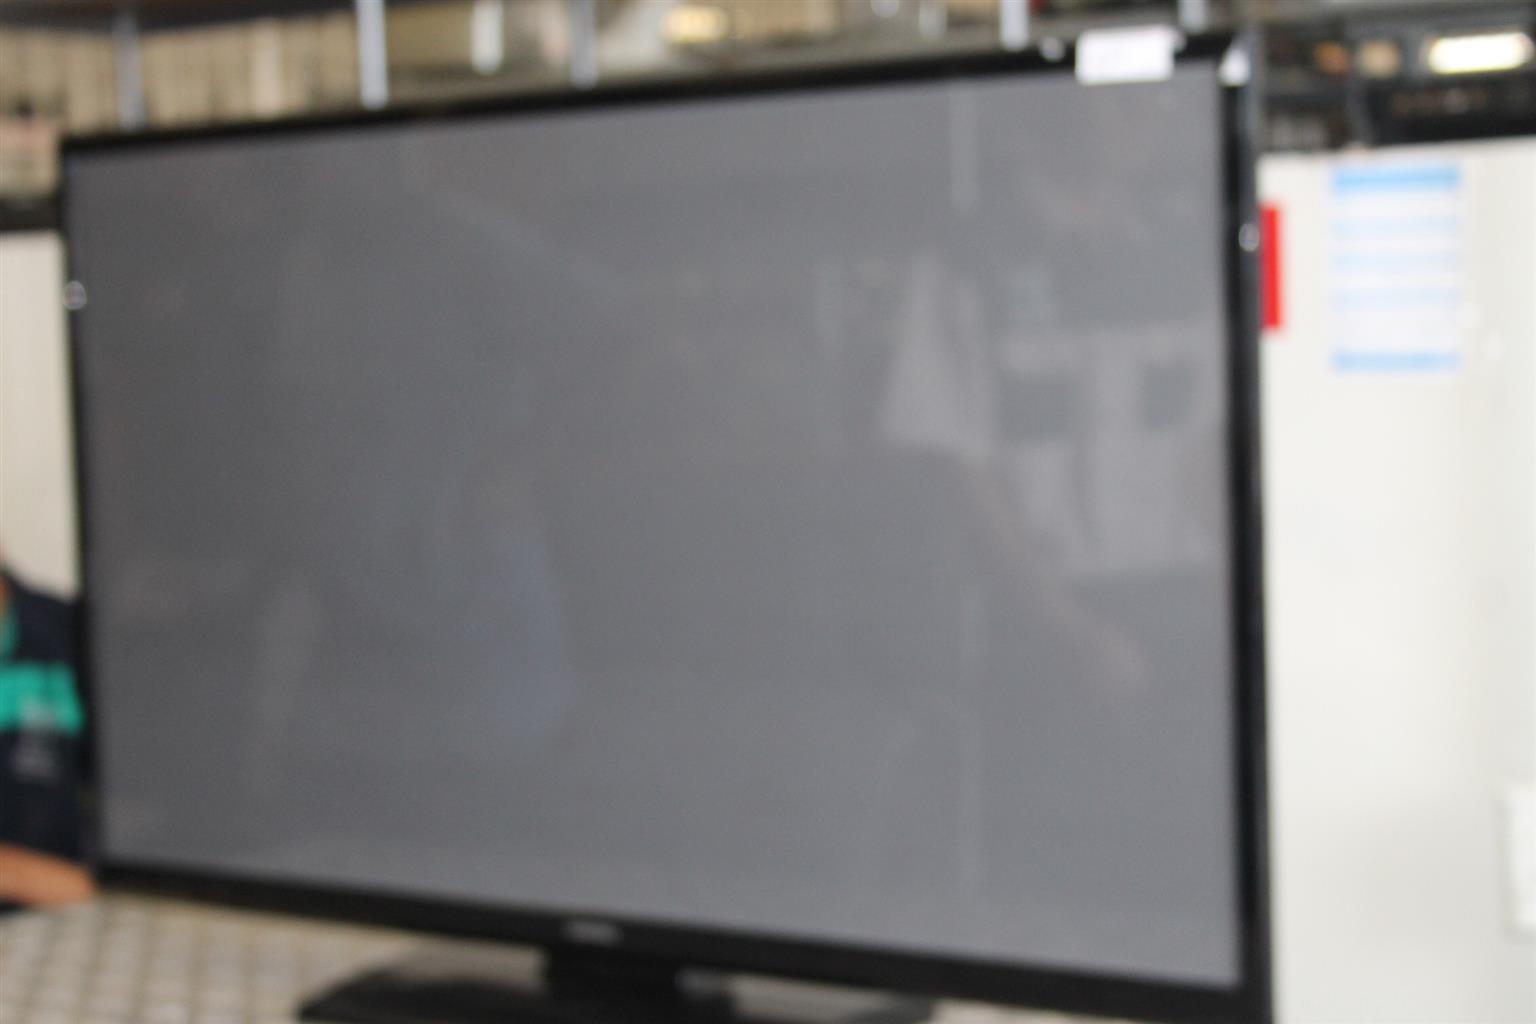 Samsung 51inch tv S028032a #Rosettenvillepawnshop